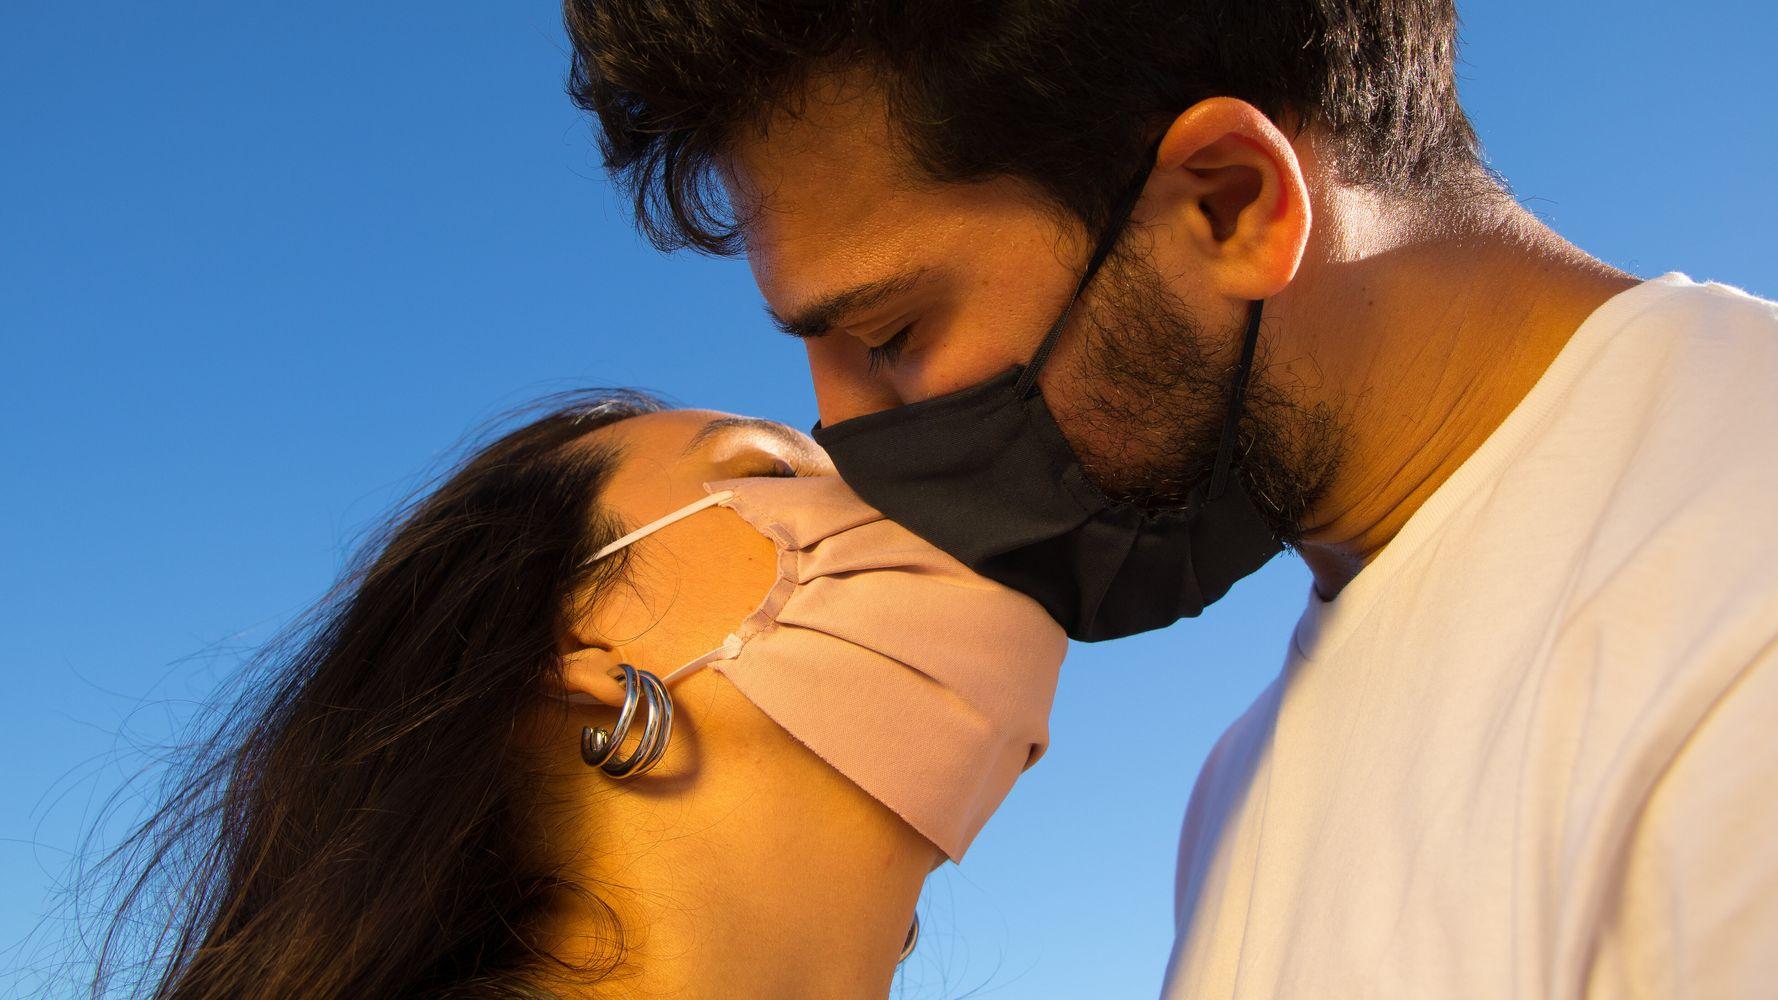 Saint-Valentin: le couvre-feu a changé les règles de la vie amoureuse, la preuve